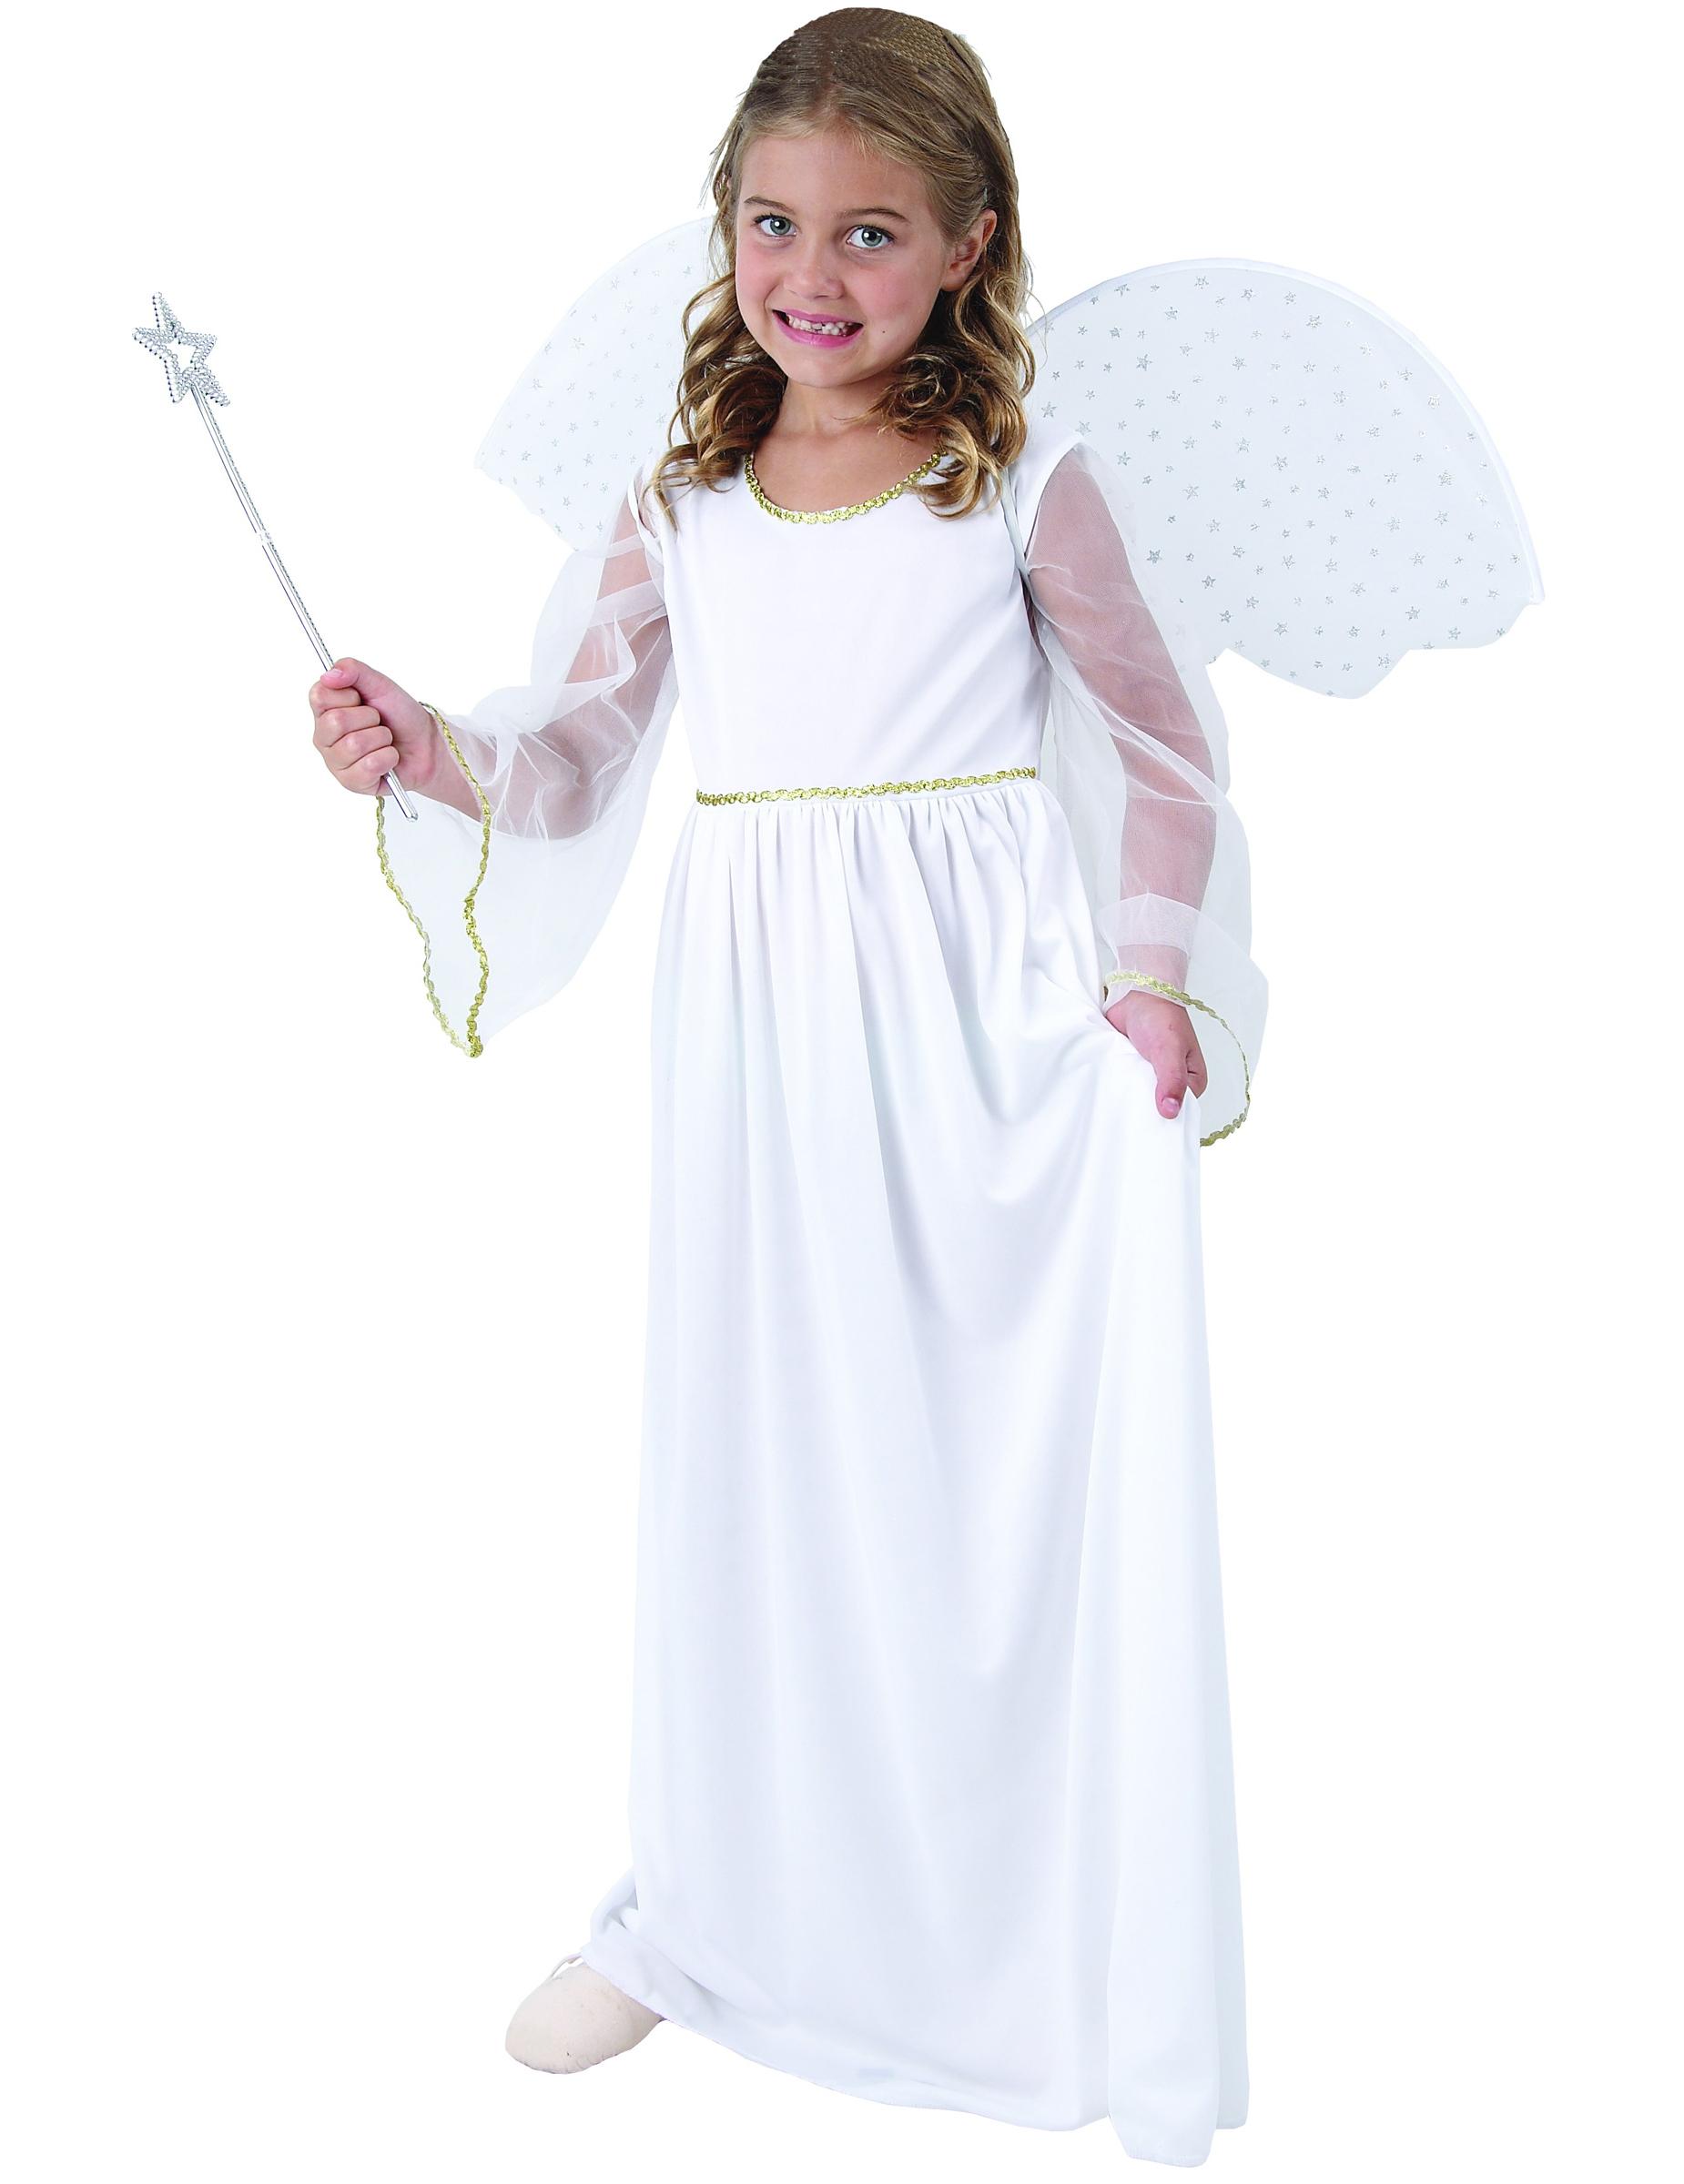 Disfraz ngel blanco ni a disfraces ni os y disfraces - Disfraces de angel para nina ...